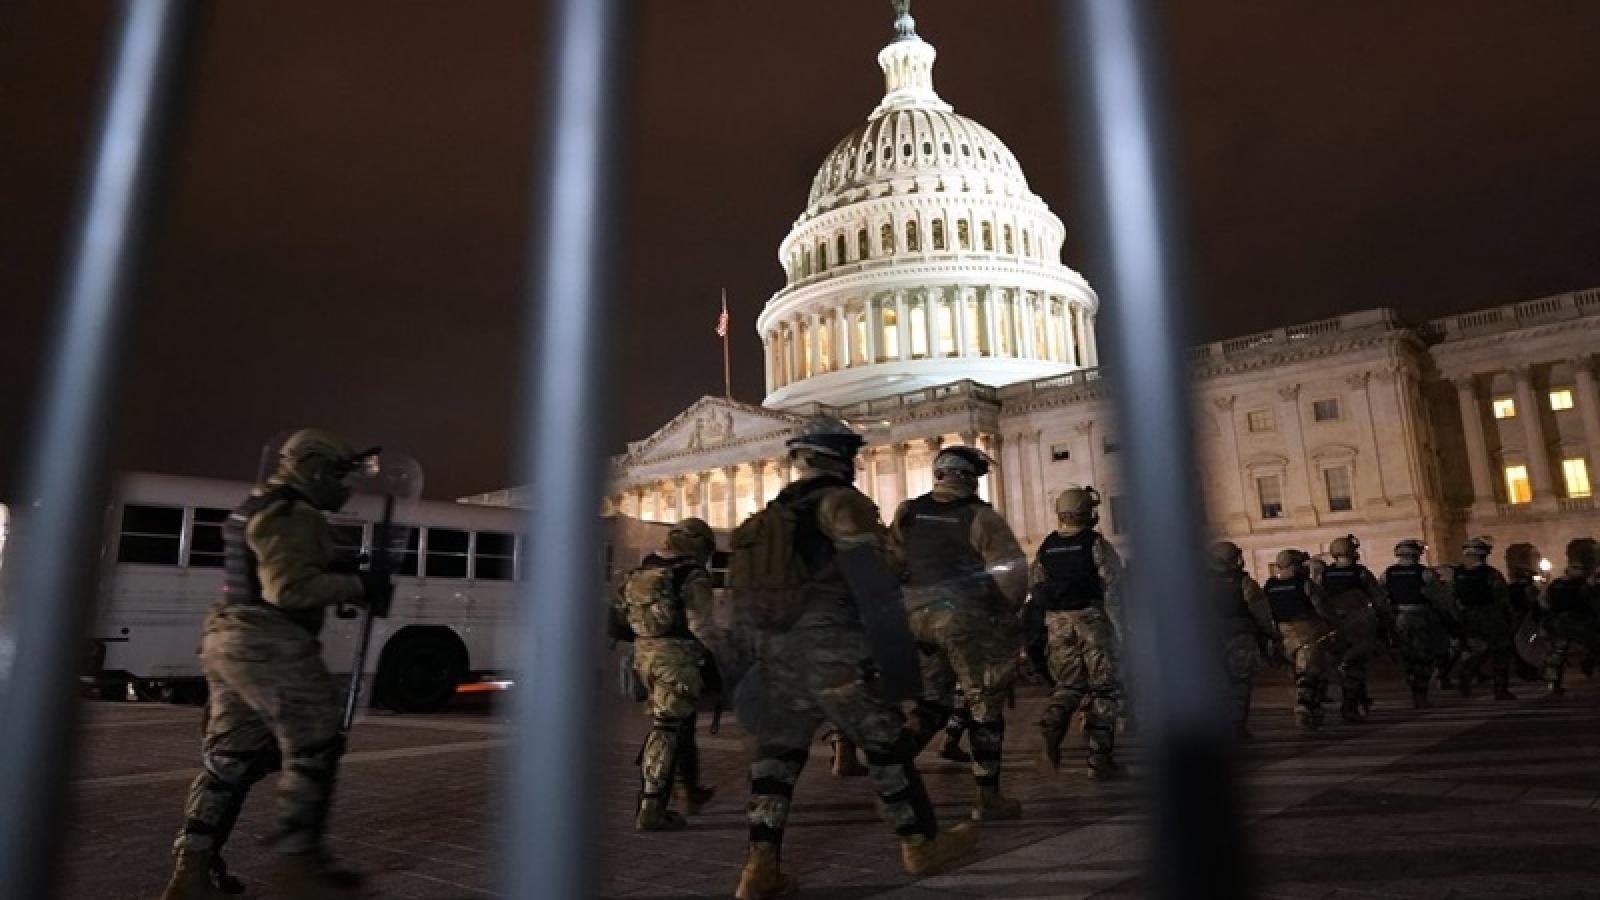 4 người thiệt mạng và 52 người bị bắt giữ sau vụ bạo loạn tại tòa nhà Quốc hội Mỹ